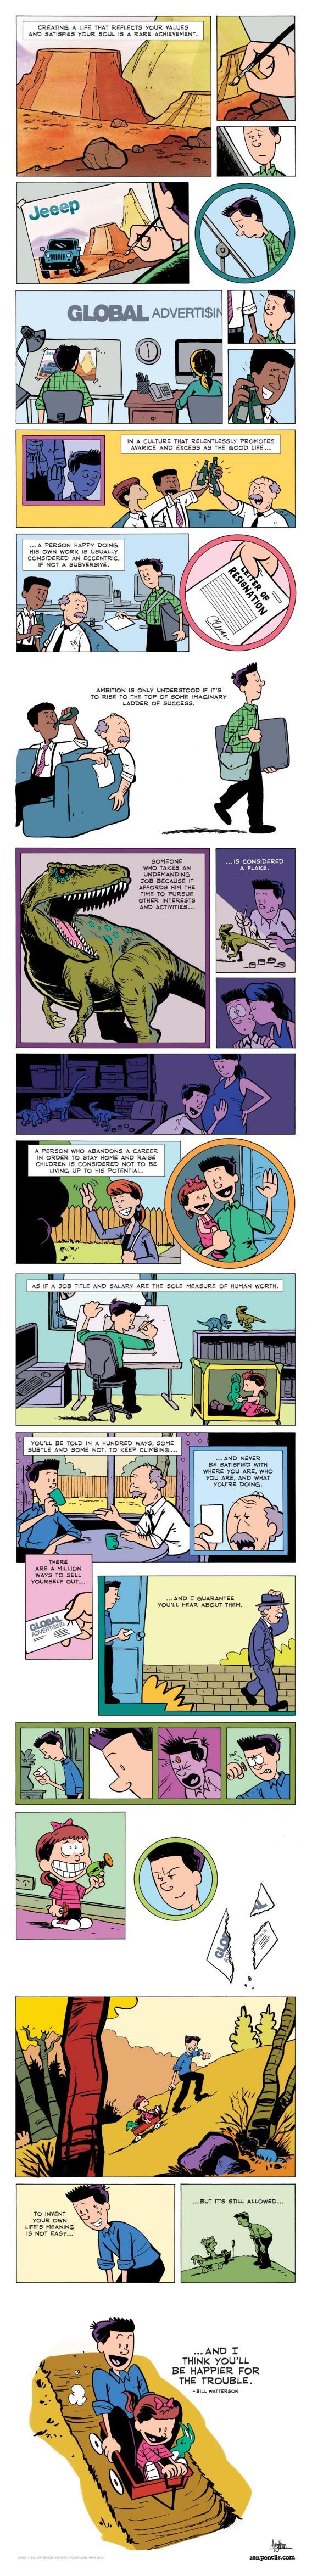 comic reflexión sobre el éxito homenaje a calvin y hobbes watterson